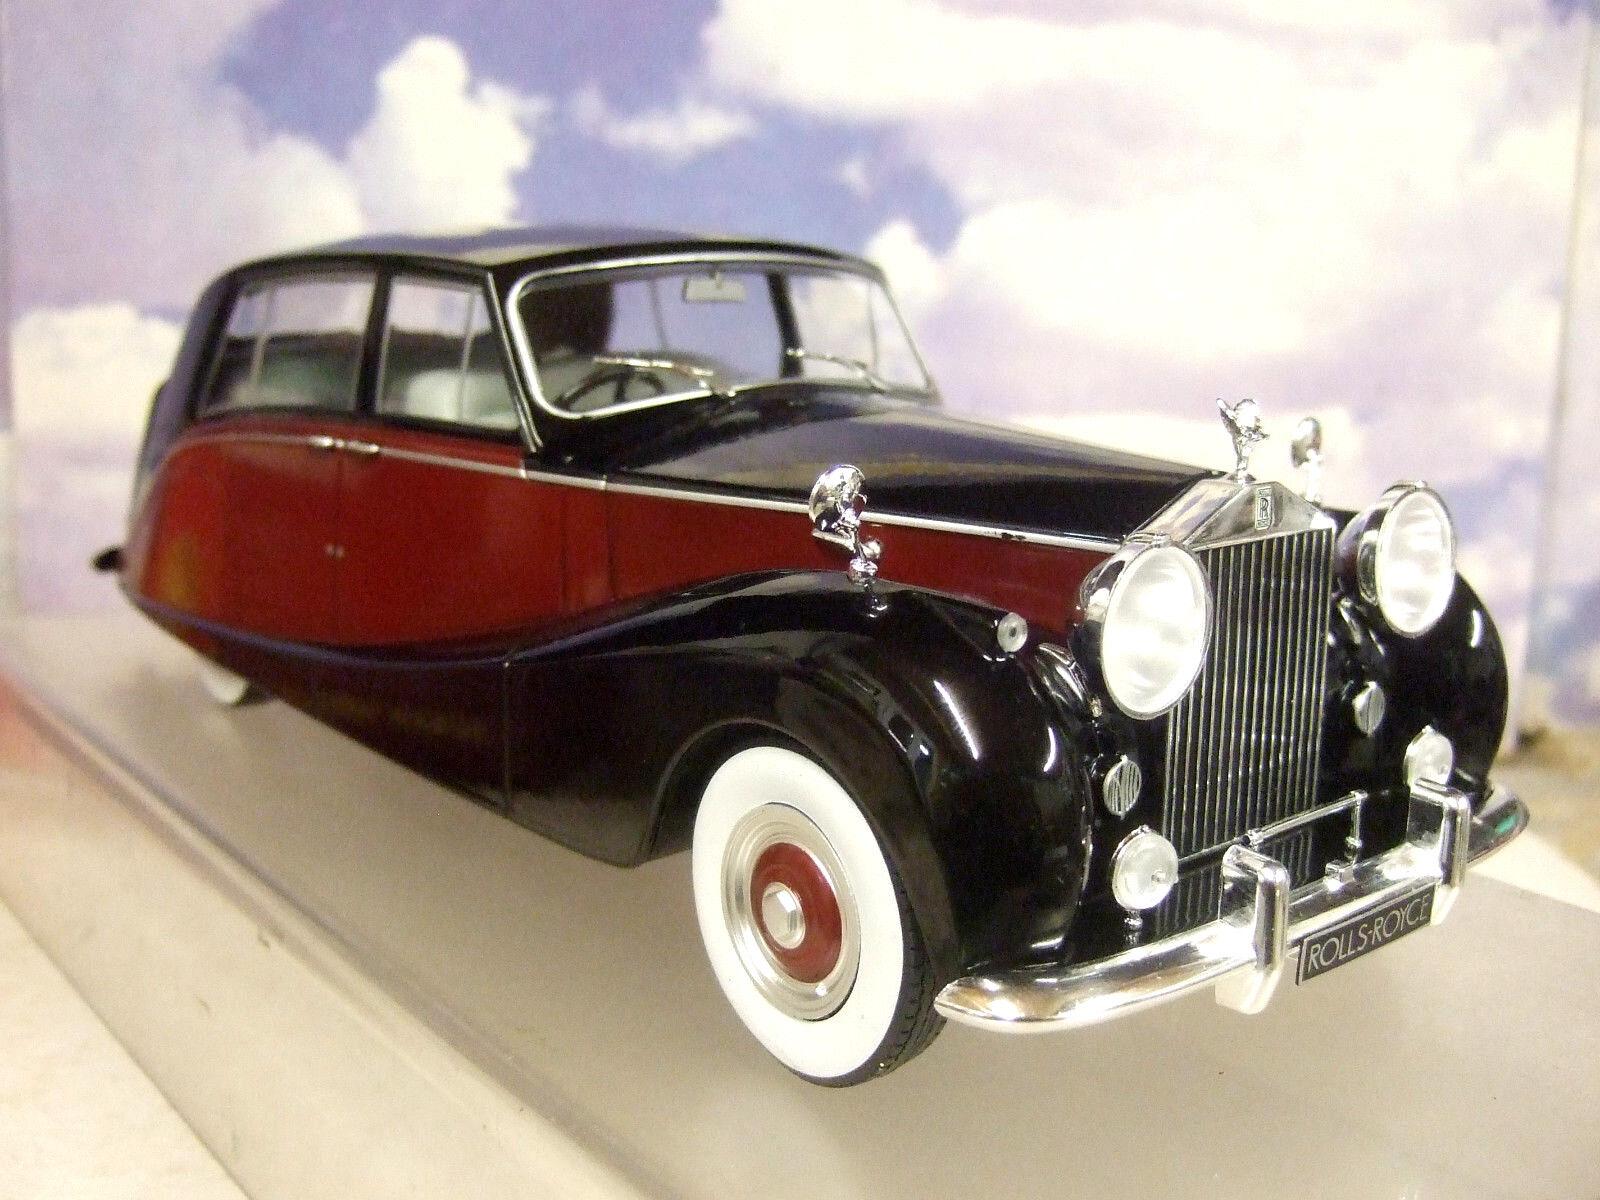 Mcg 1 18 de Metal 1956 Rolls Royce silver Espectros Hooper Empress red y black